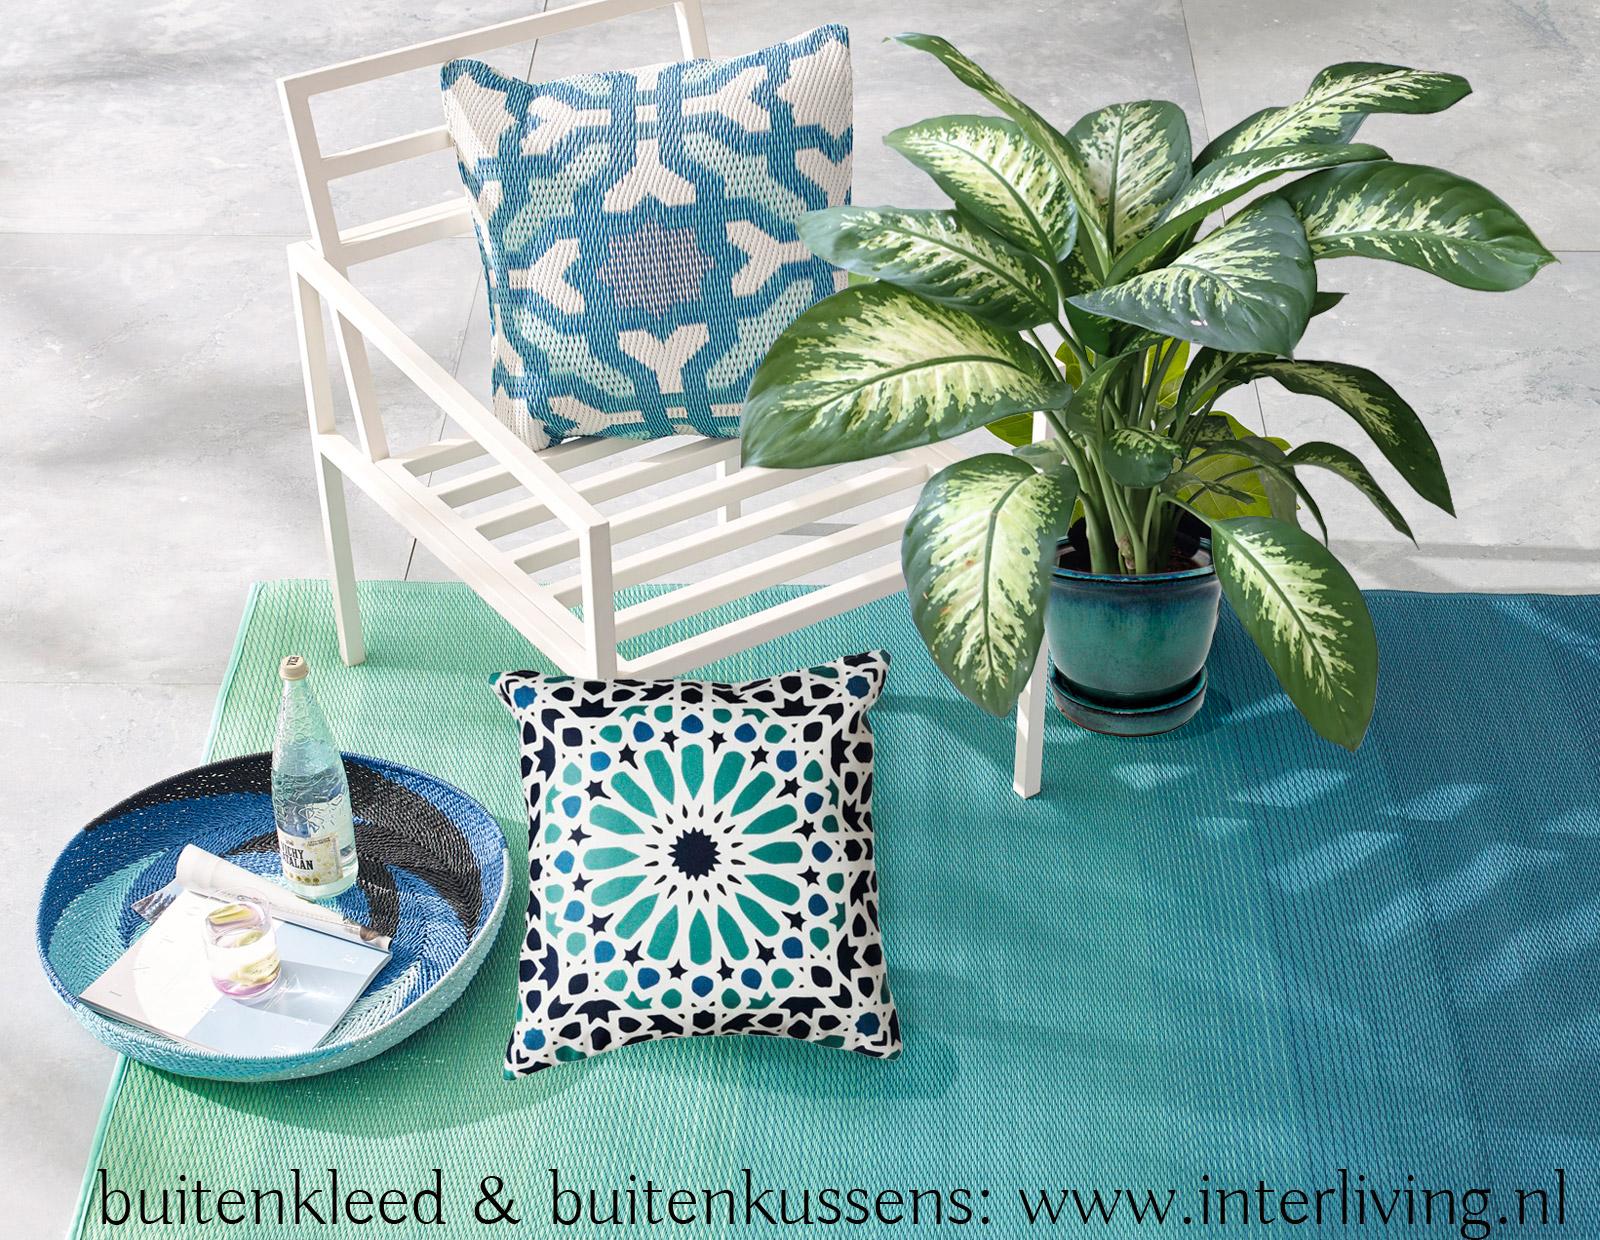 buitenkussen voor je oosterse tuin styling - Marokkaanse zellige tegel patroon outdoorkussen gemaakt van 100% gerecyclede soda flessen